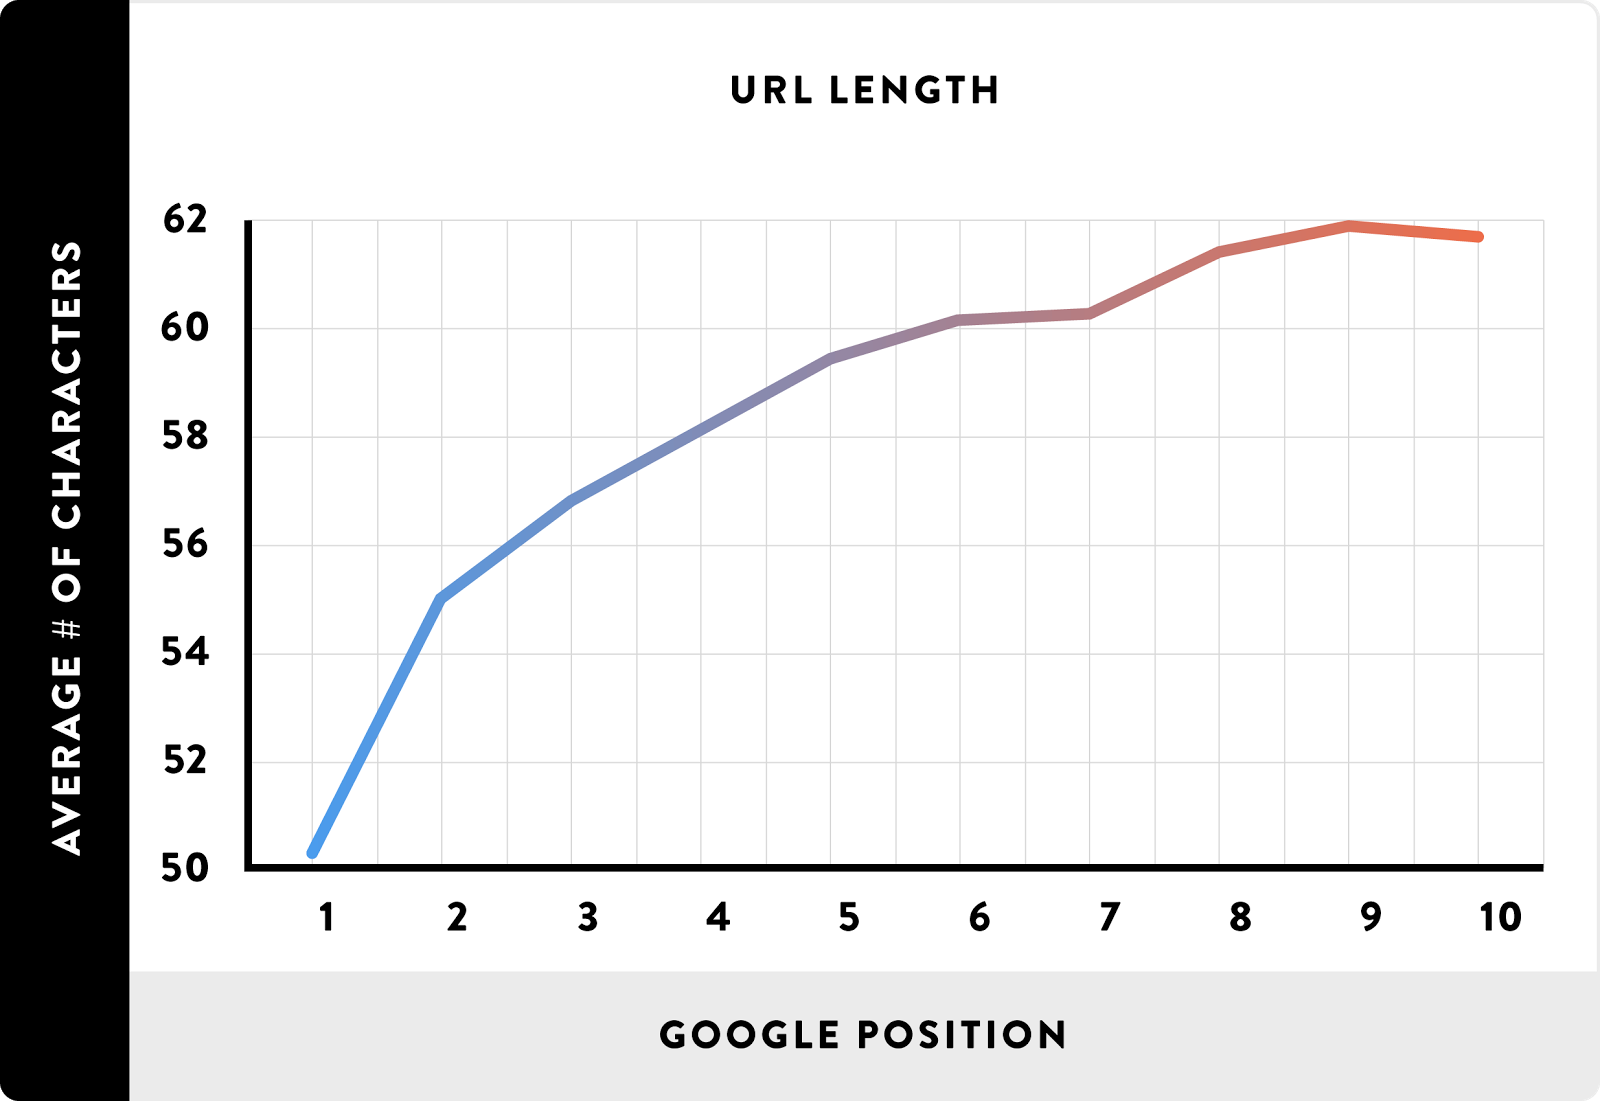 تاثیر طول URL روی رتبه در گوگل